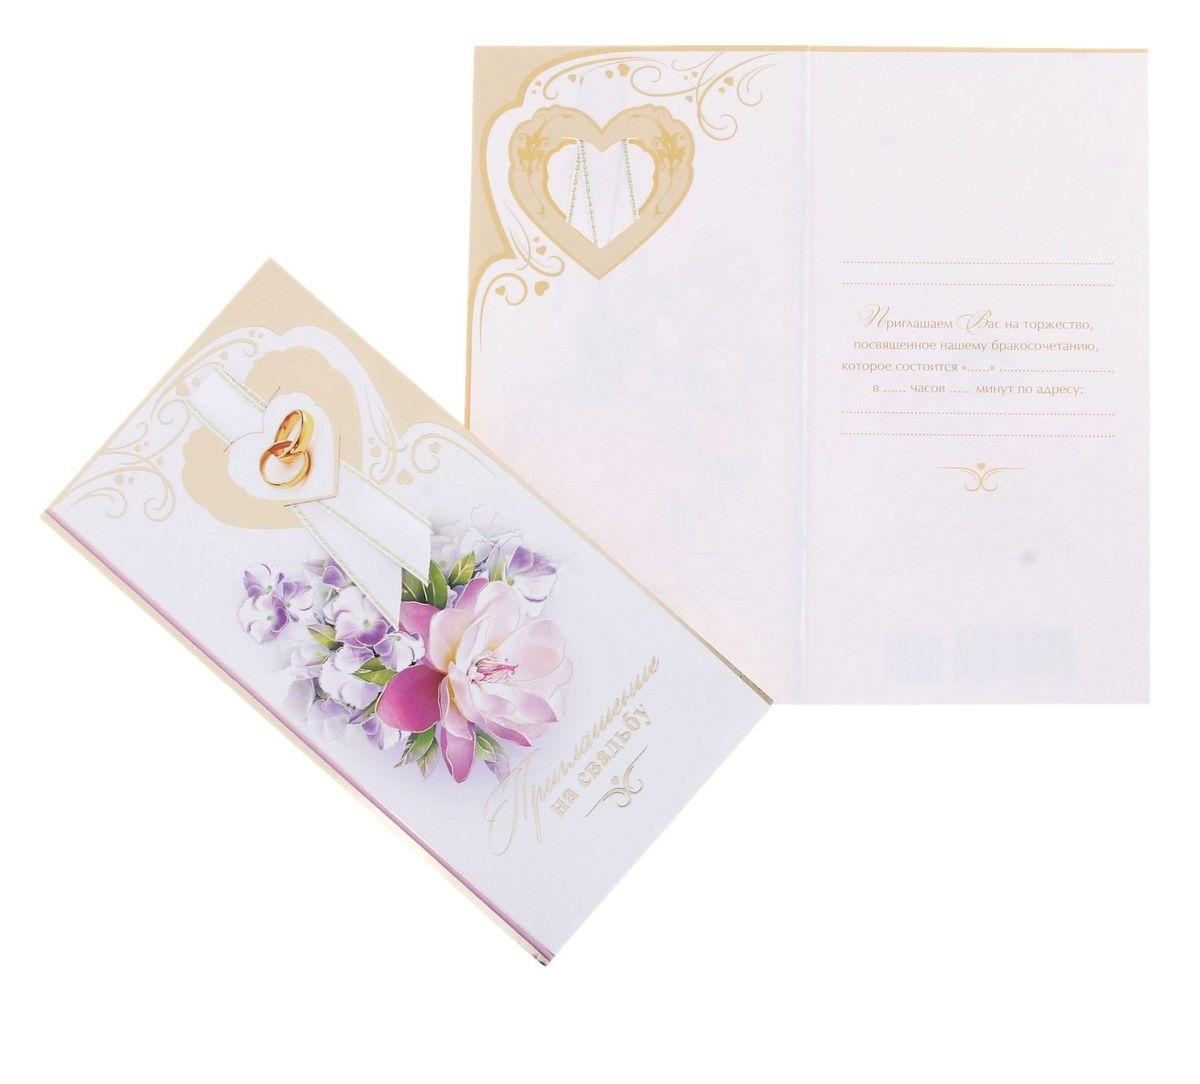 Картинки для открыток или пригласительных